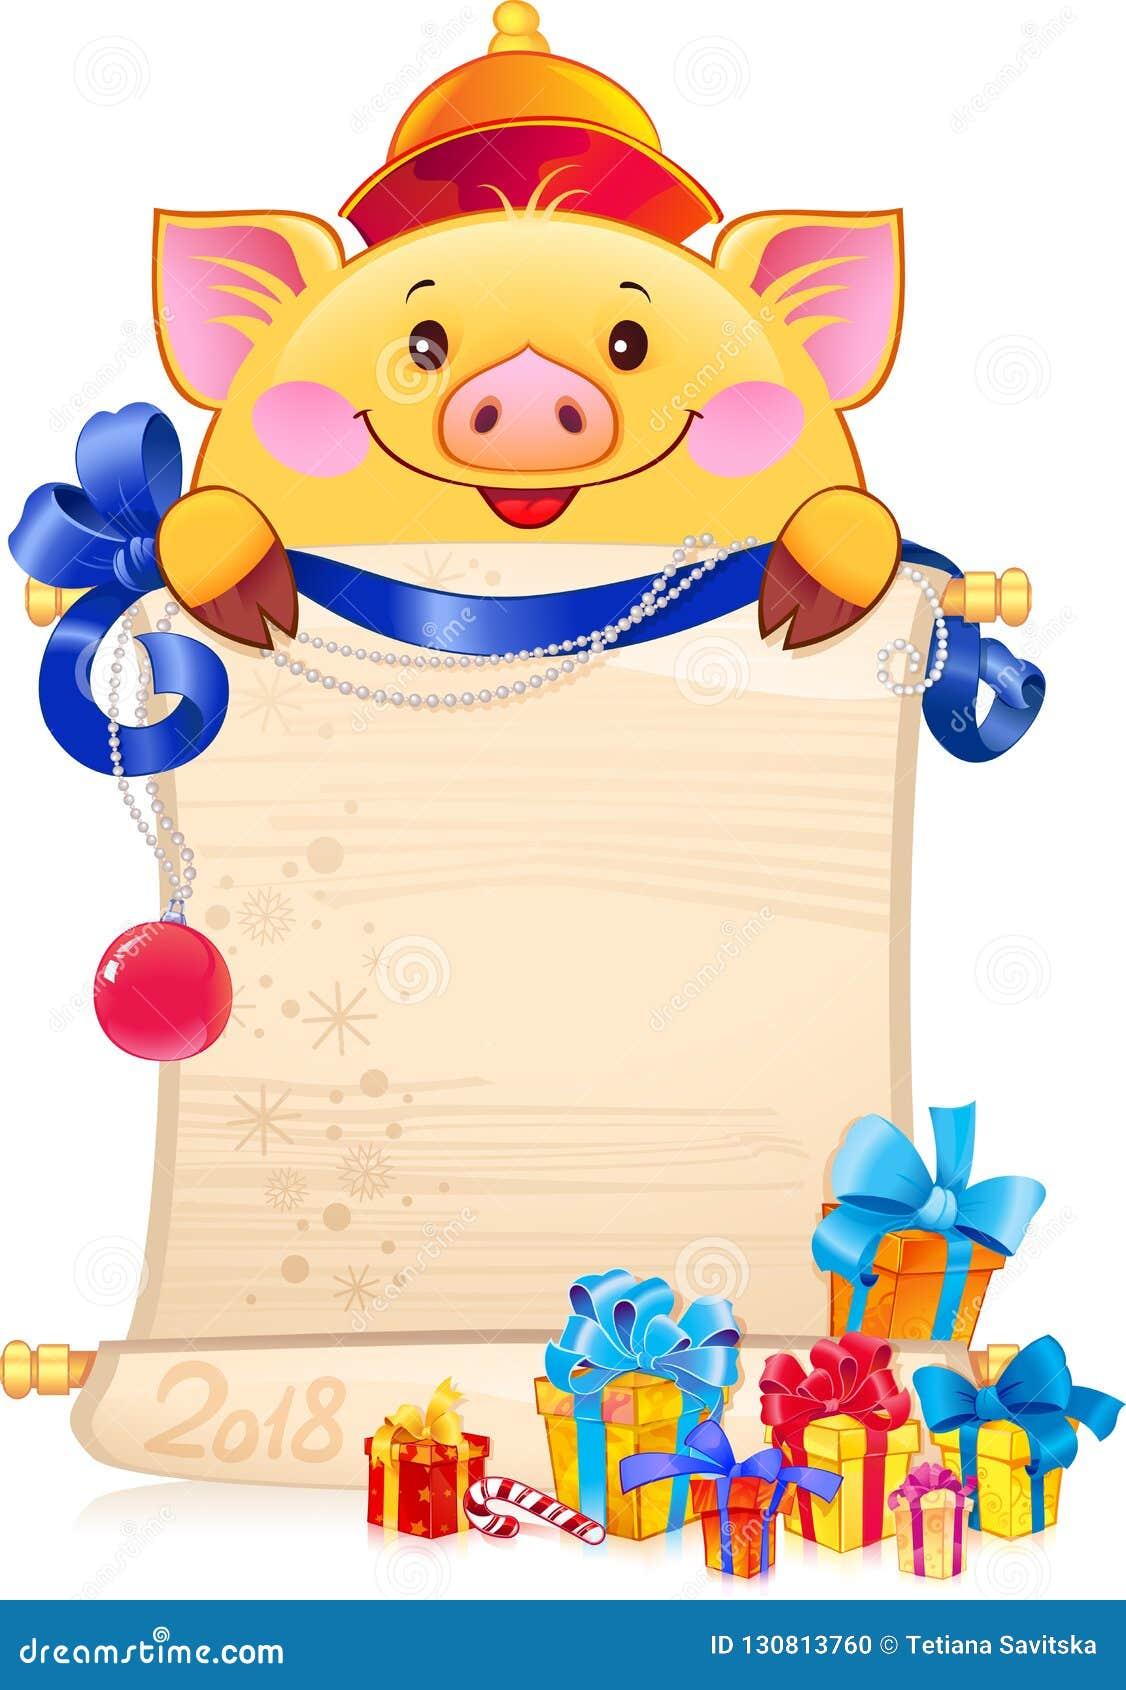 Желтая Earthy свинья символ нового 2019 год